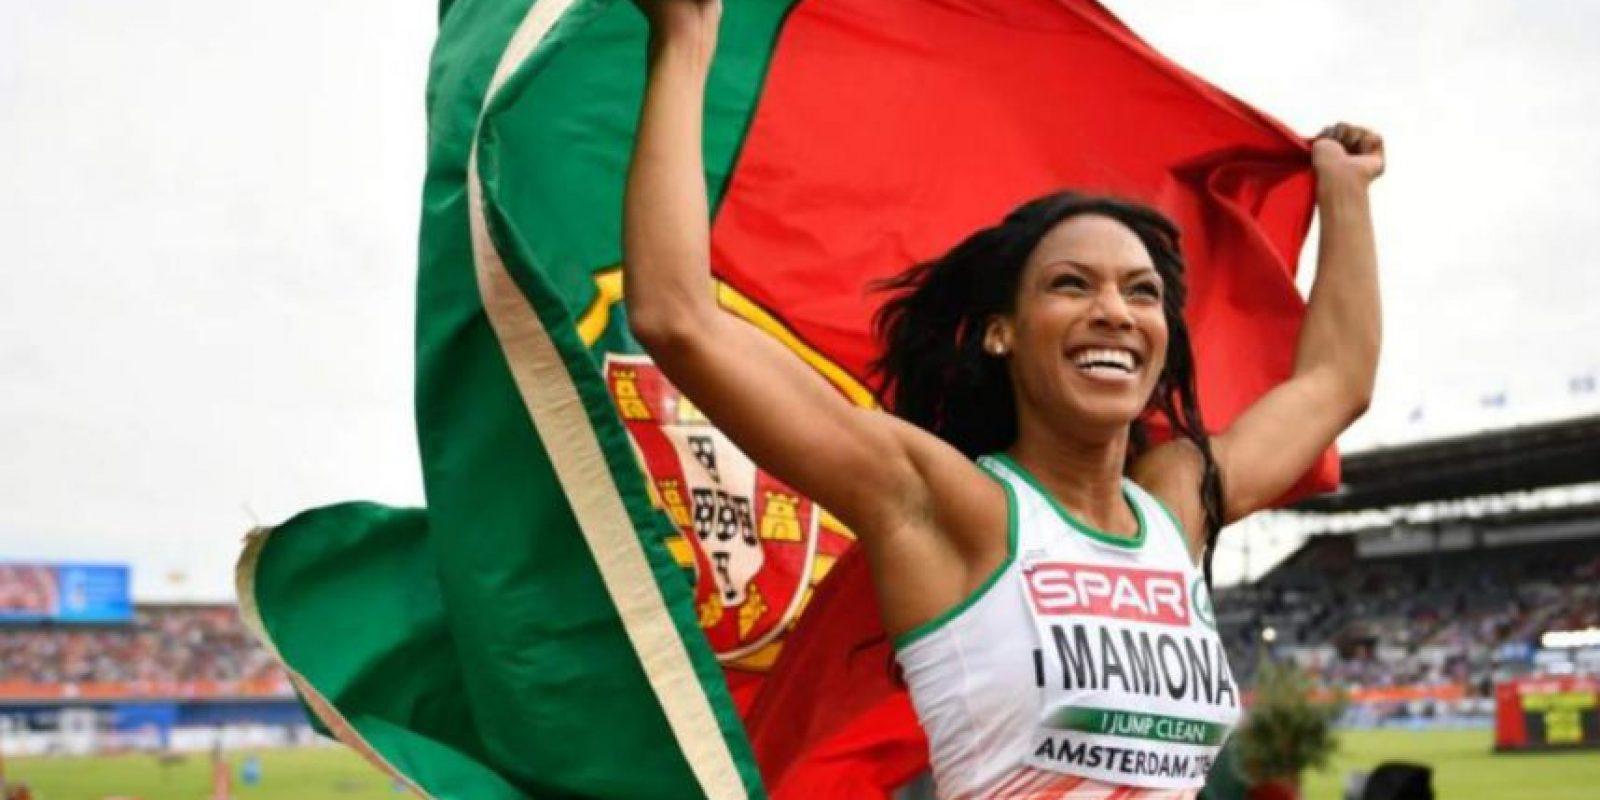 Patrícia Mamona – Atleta portuguesa, ha sido campeona de triple salto con un apellido más que sugerente. Foto:Getty Images